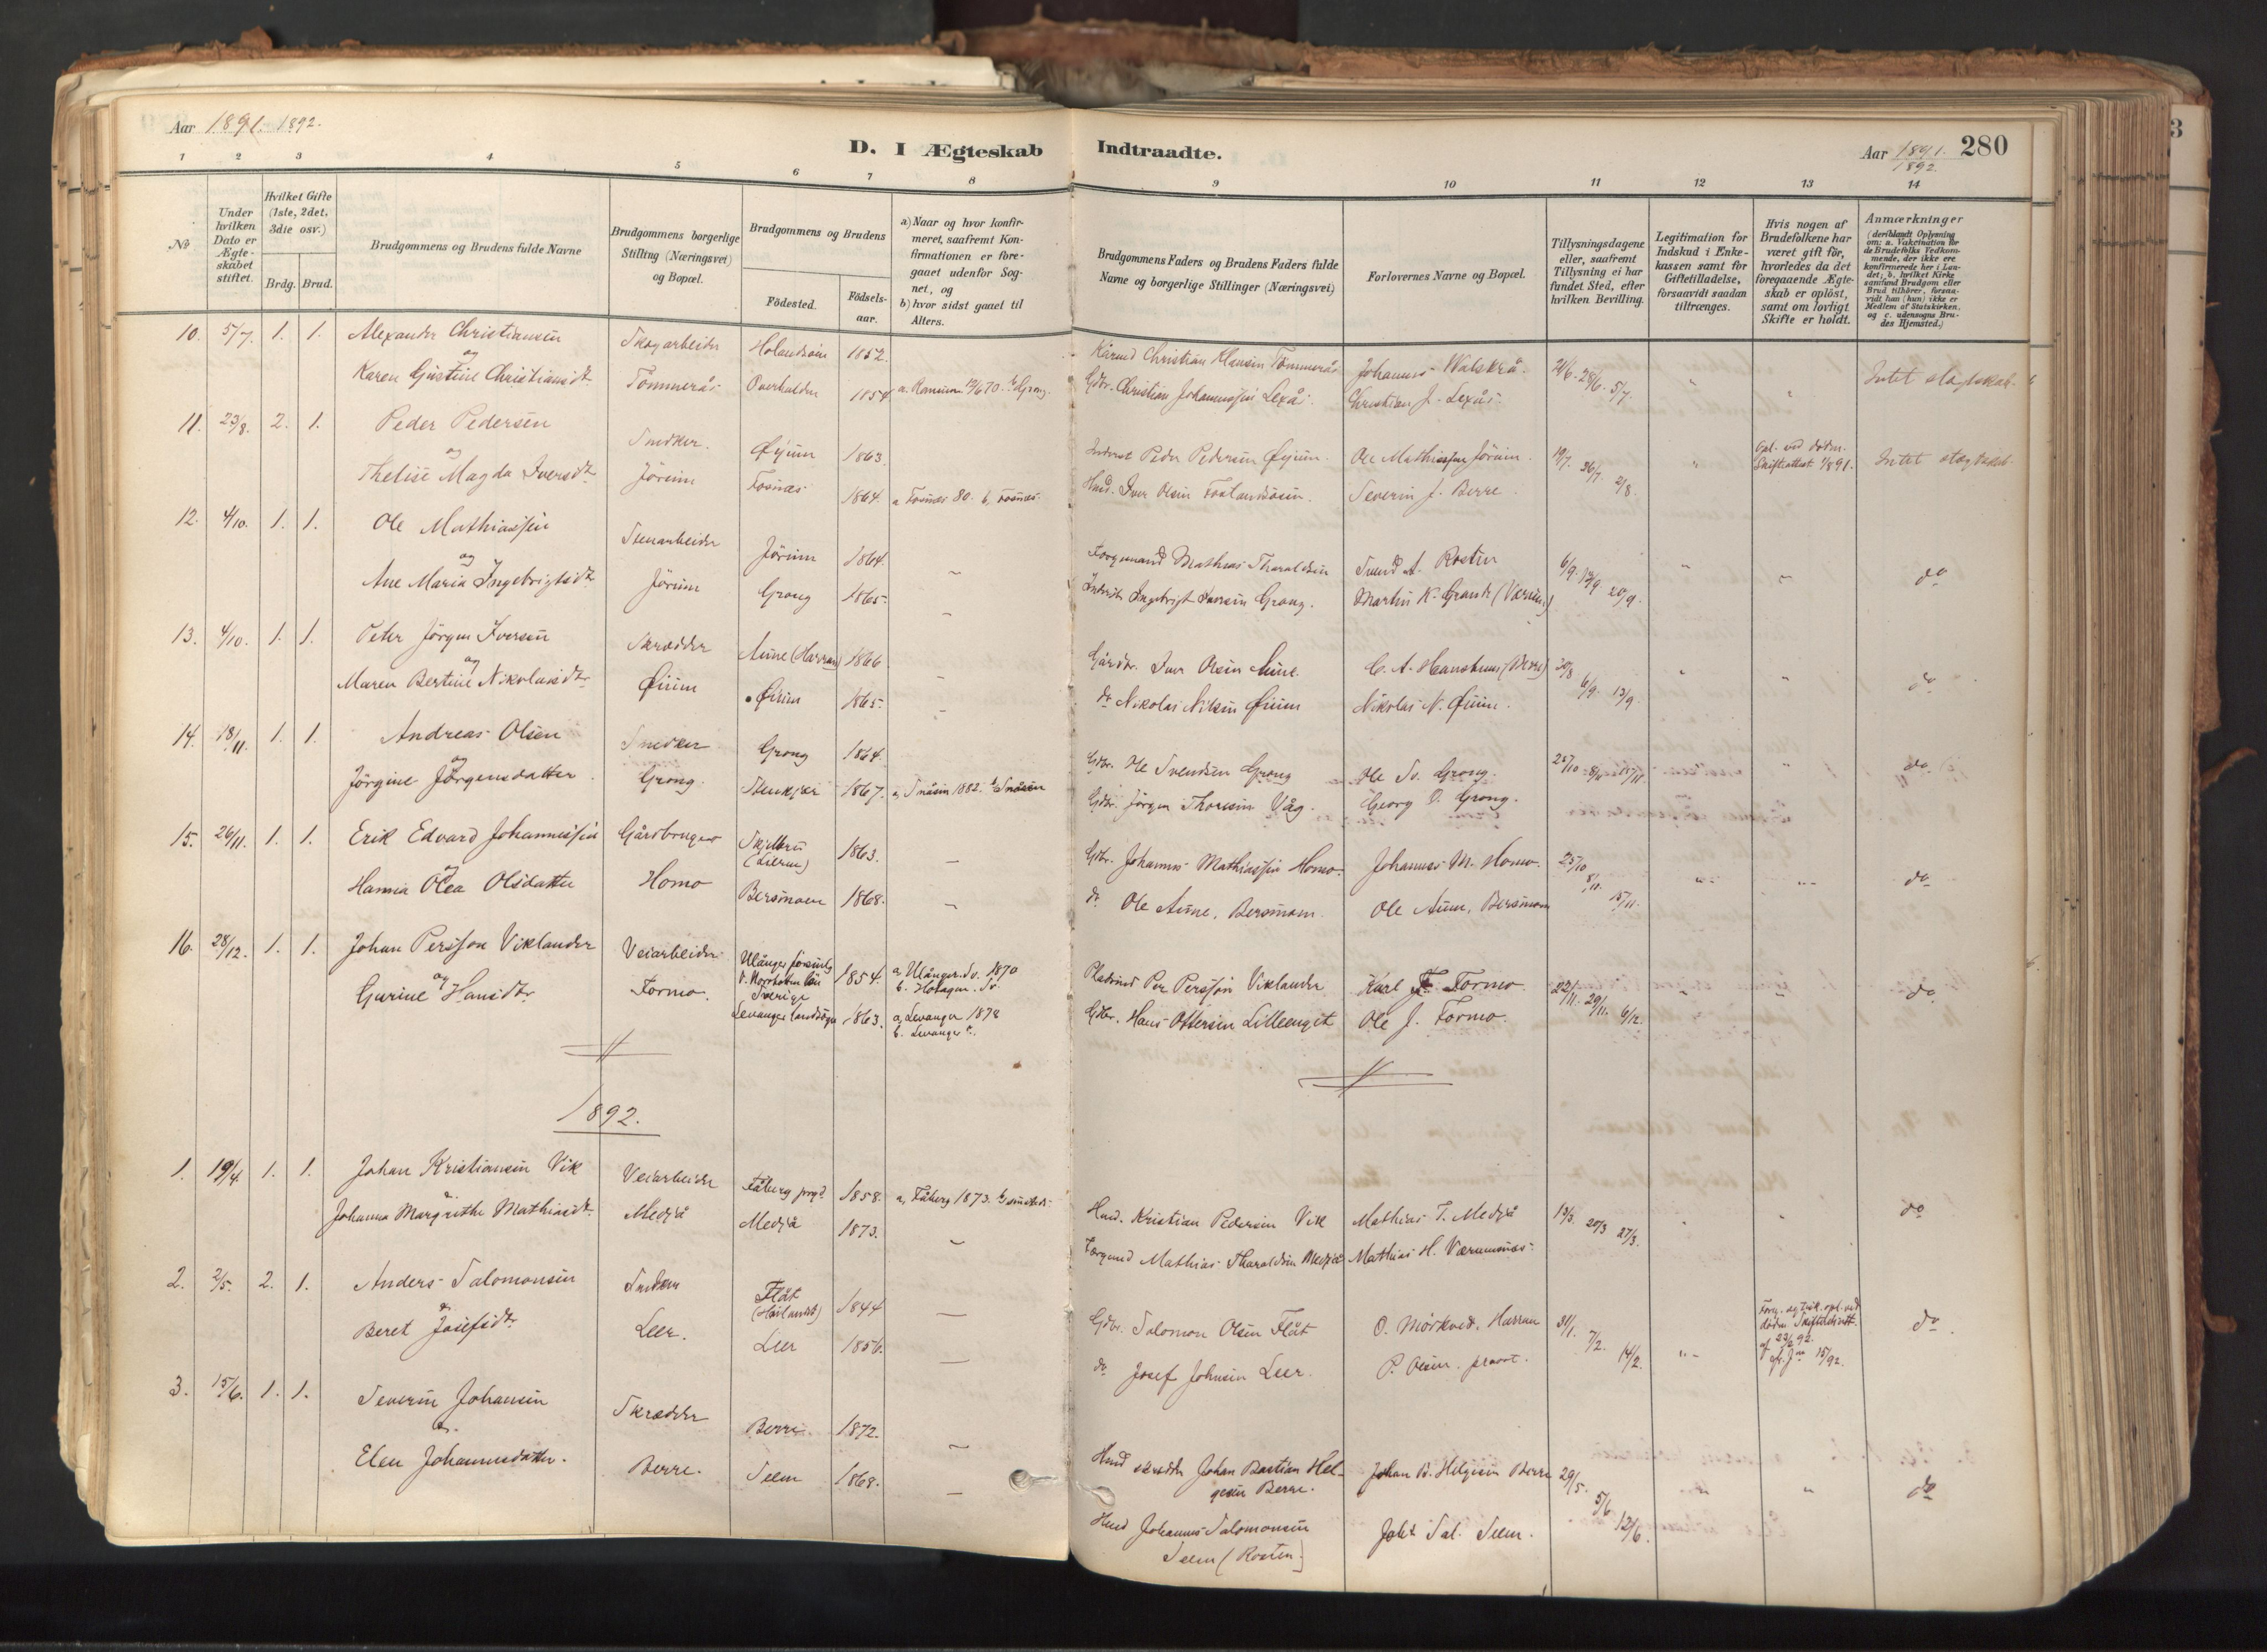 SAT, Ministerialprotokoller, klokkerbøker og fødselsregistre - Nord-Trøndelag, 758/L0519: Ministerialbok nr. 758A04, 1880-1926, s. 280